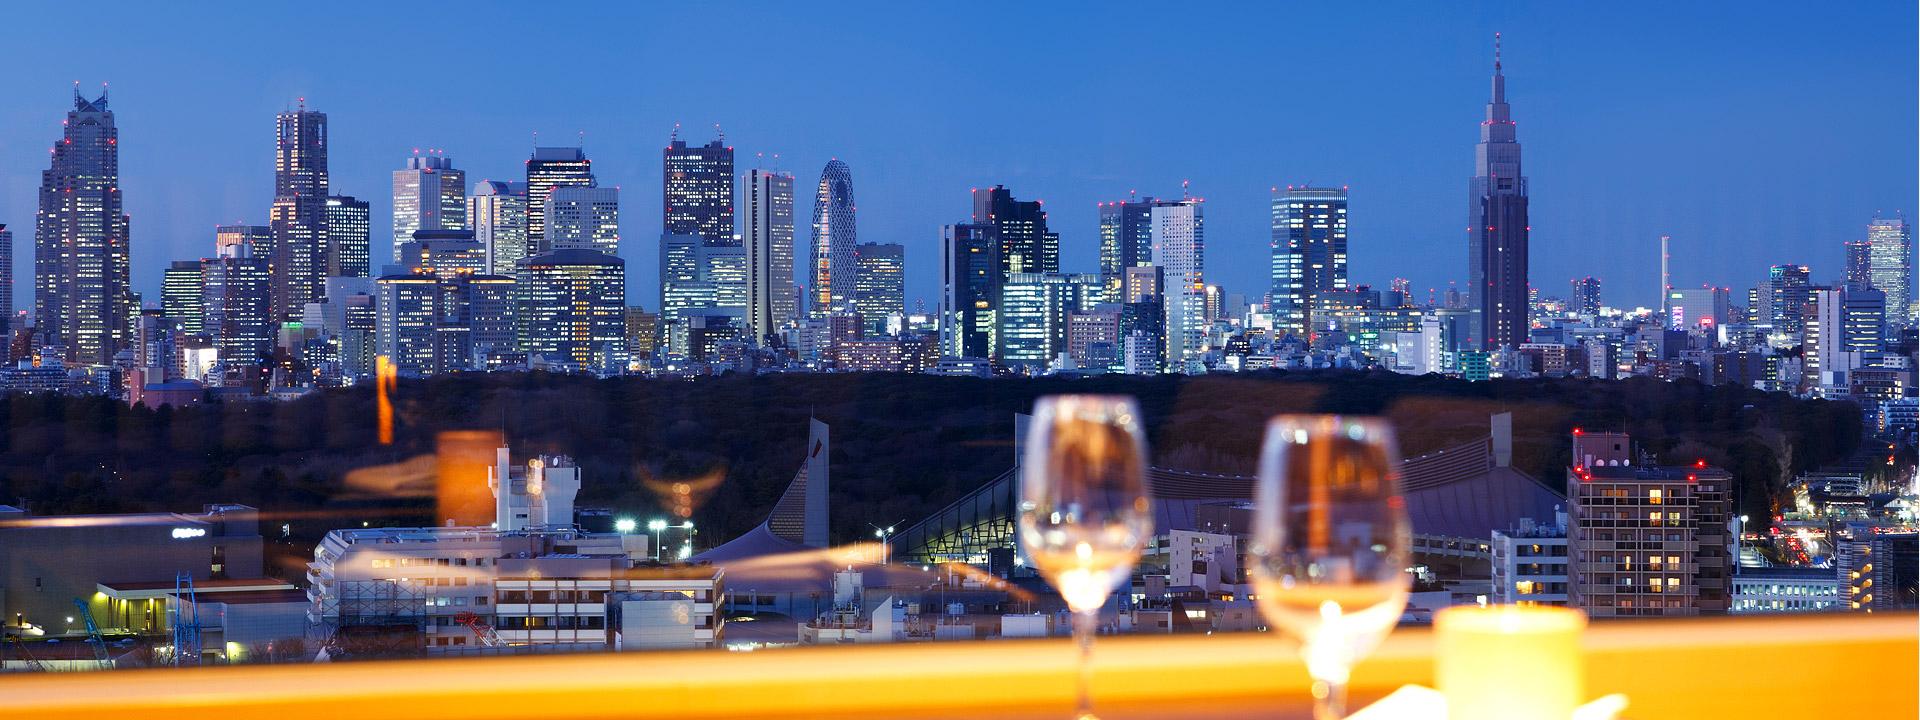 https://www.tokyuhotels.co.jp/shibuya-e/restaurant/images/restaurant_images_01.jpg